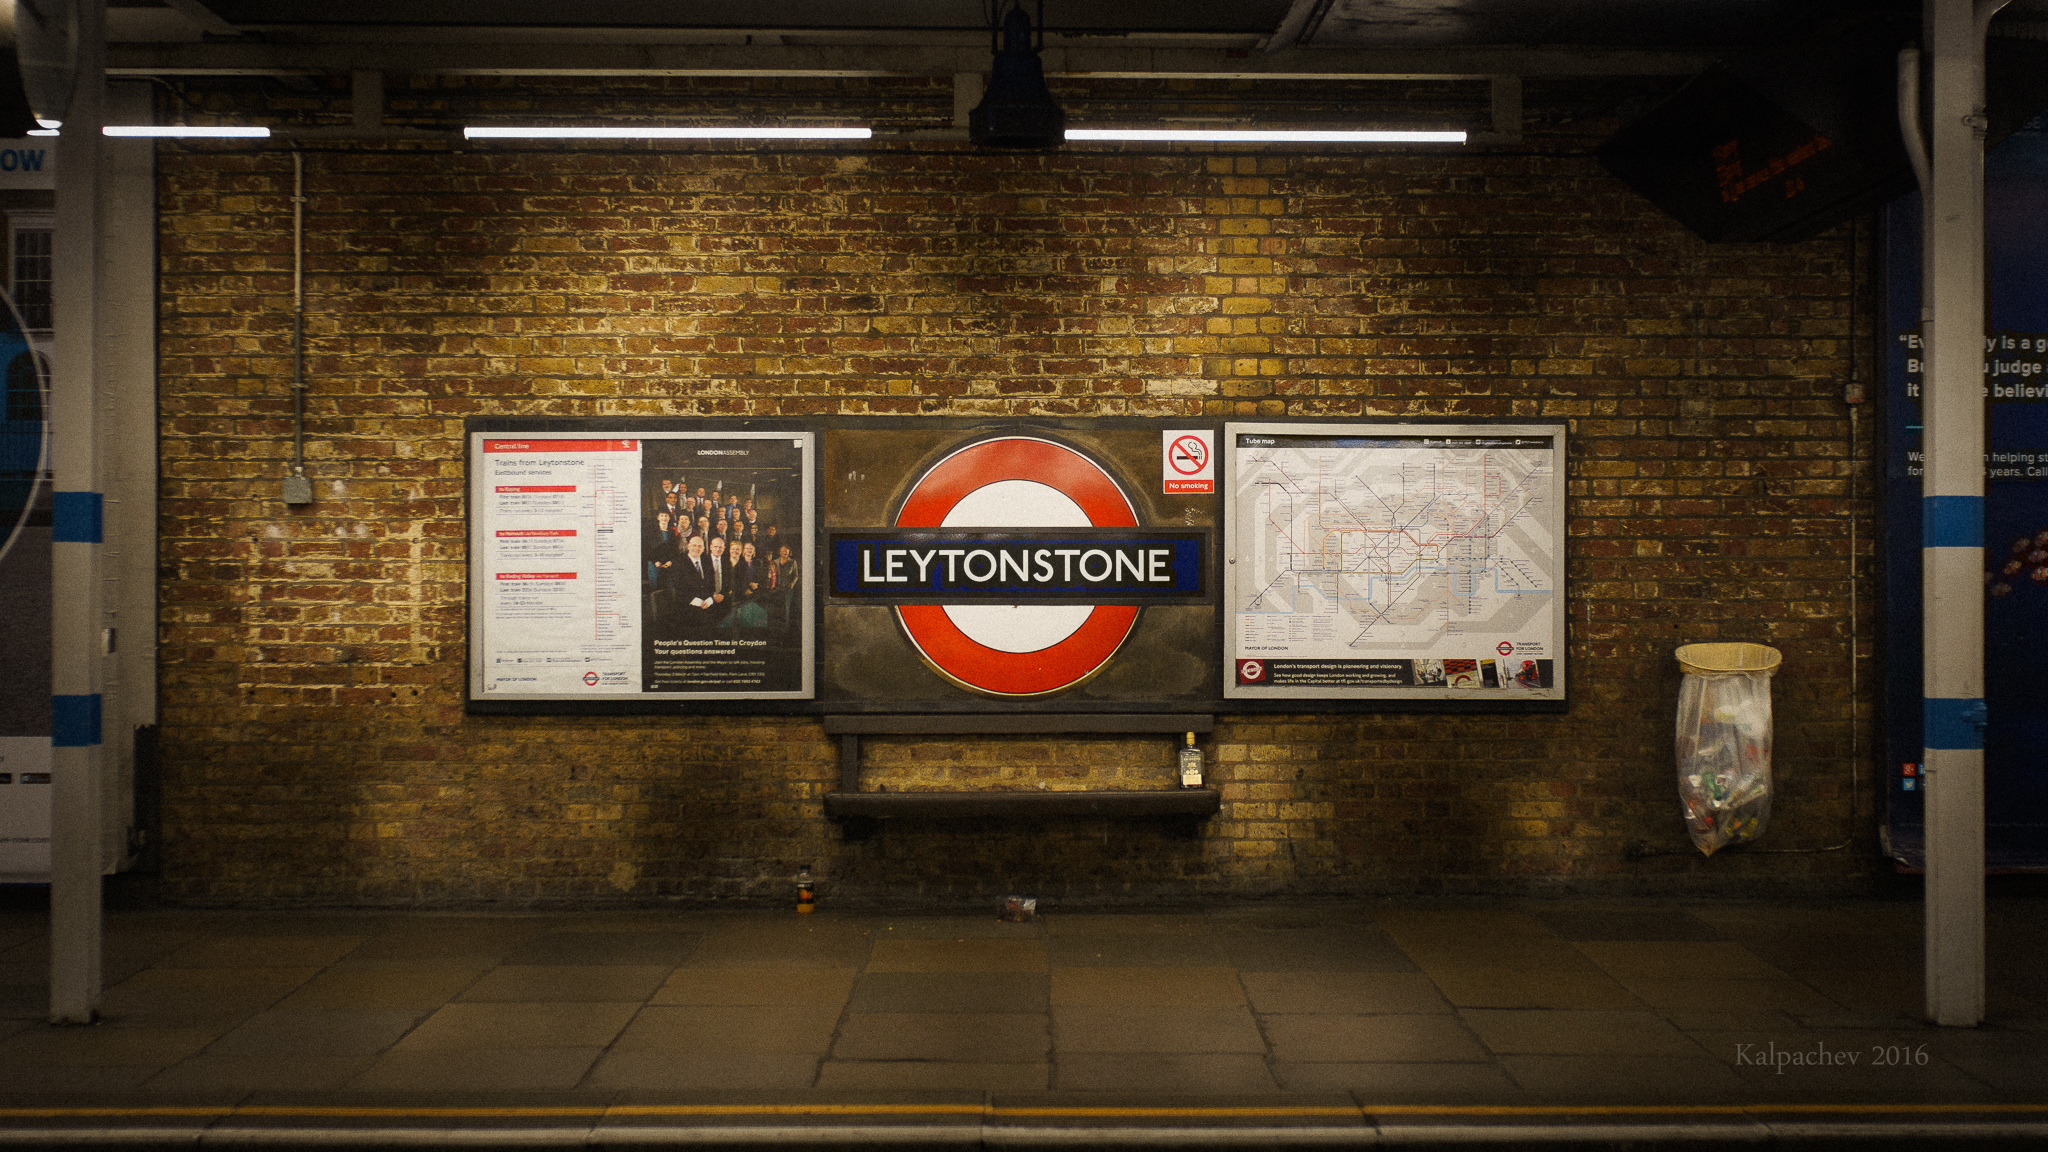 Leytonstone tube station London